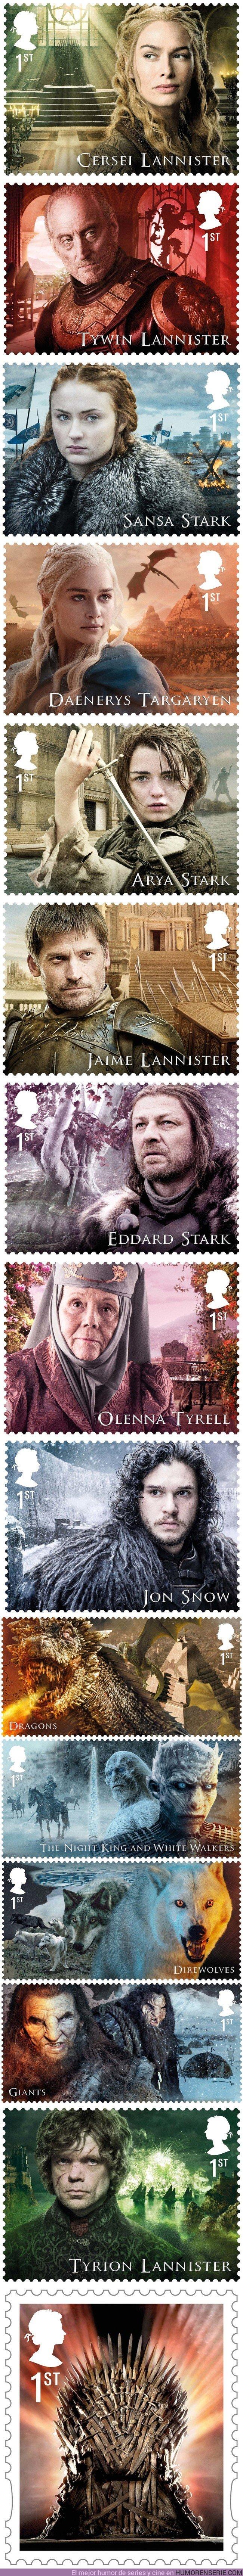 21372 - GALERÍA: Así de increíble es la colección de 15 sellos oficiales de Juego de Tronos